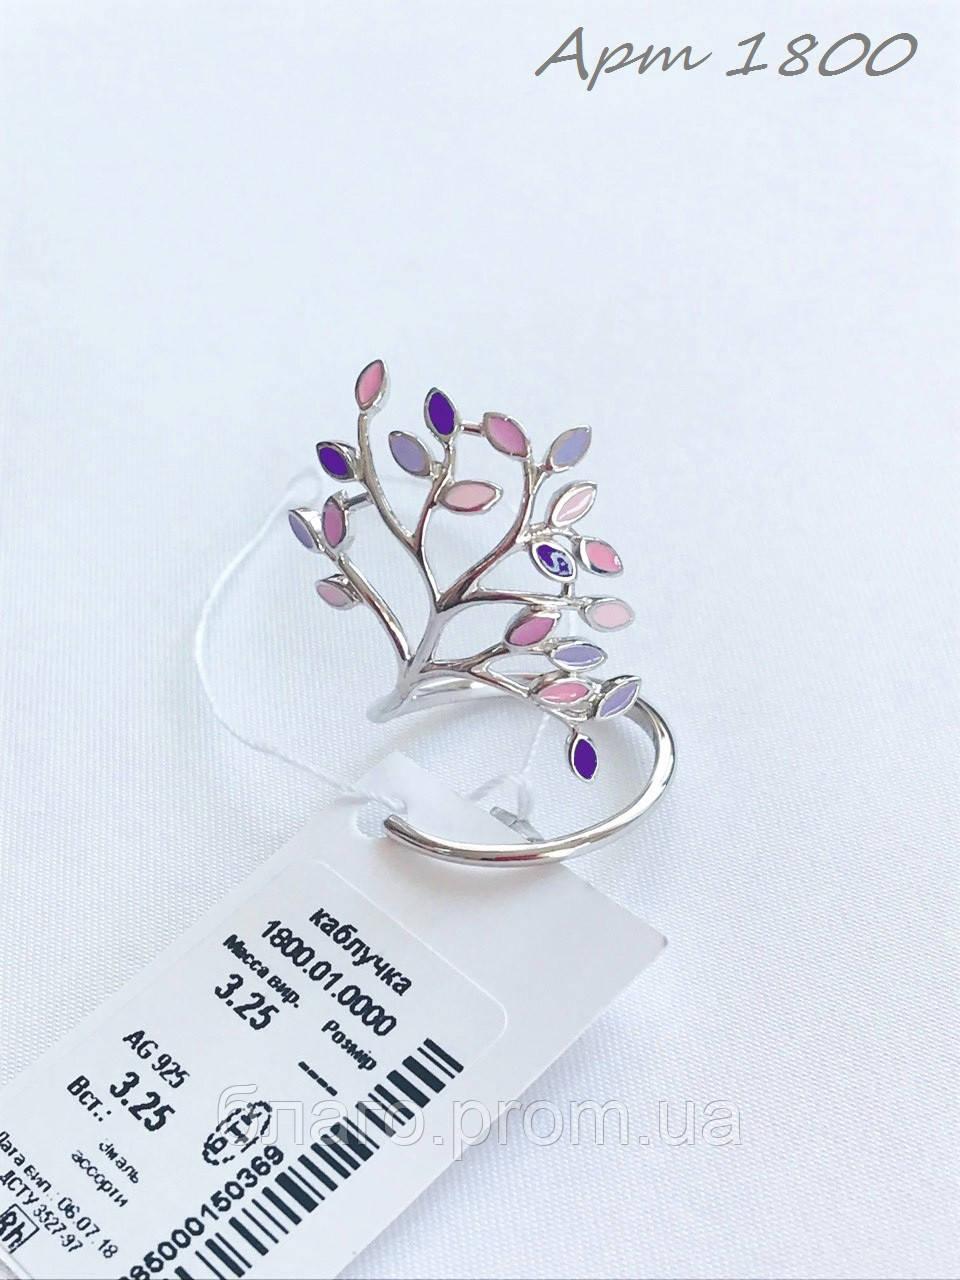 Серебряное кольцо Арт.1800